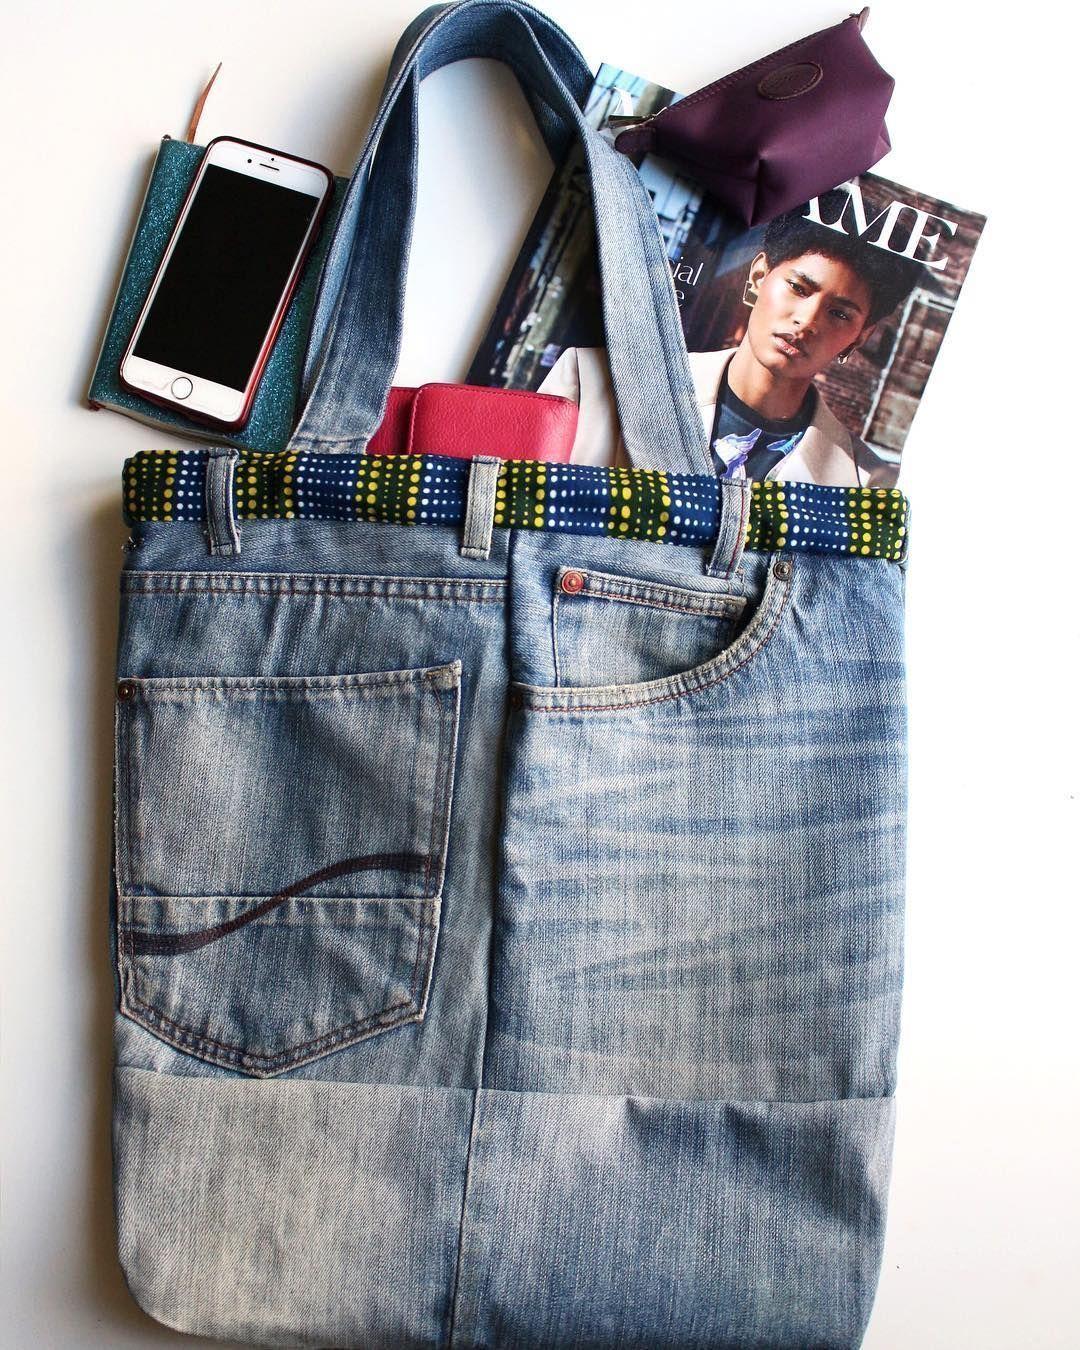 Login #chutedetissu ▫️SAC ÉTHIQUE ▫️ Quand je décide de donner une seconde vie à un vieux jeans qui ne se porte plus, ça donne un sac Tote en denim, original ethique, super pratique et parfait pour les journées détentes printanières - Sac DIY que j'ai habillé avec une chute de tissu wax que j'avais sous la main, histoire de le personnaliser un peu. - Ce DIY est très facile à réaliser et elle permets de recycler ses vieux vêtements et tissus... Je recycle, je m'amuse, et #chutedetissu